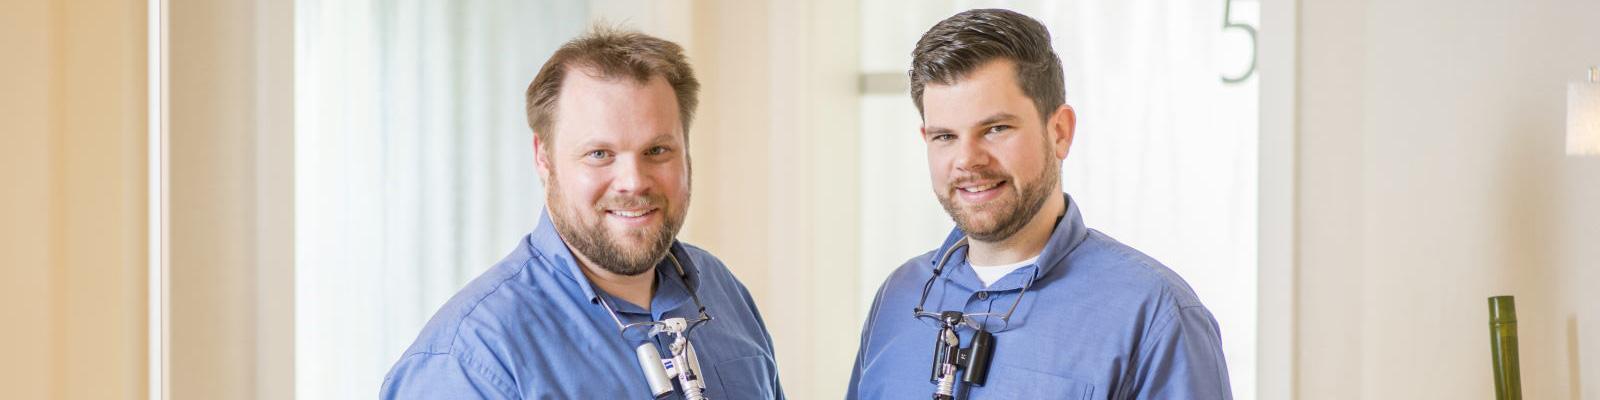 Zahnarzt Dr. Christian Schöler, Sascha Werner